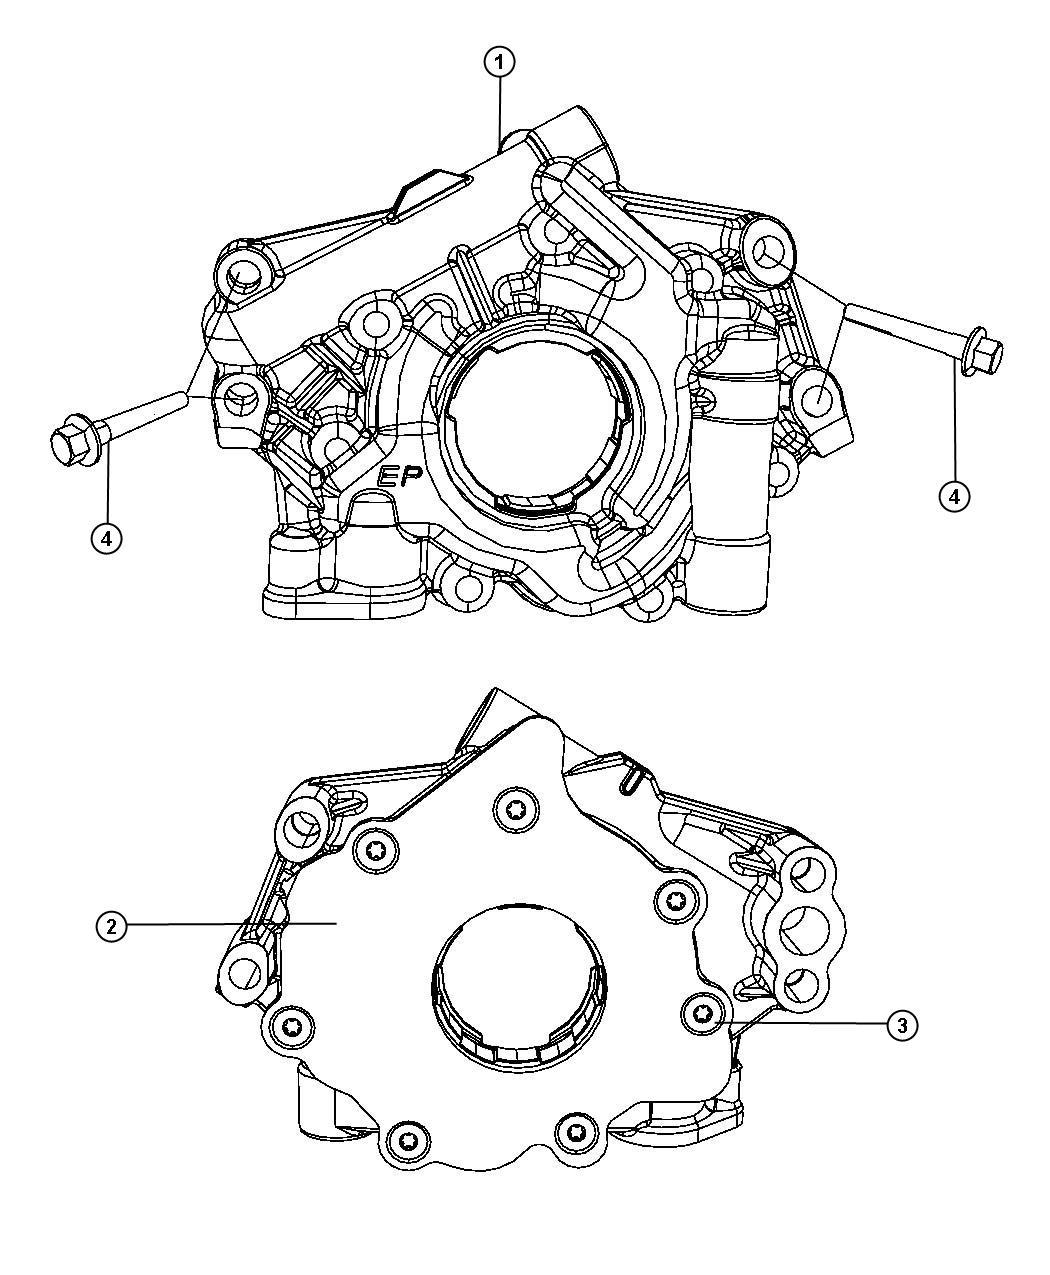 Dodge Magnum Pump  Engine Oil  Oiling  Hemi  Smpi  Mopar